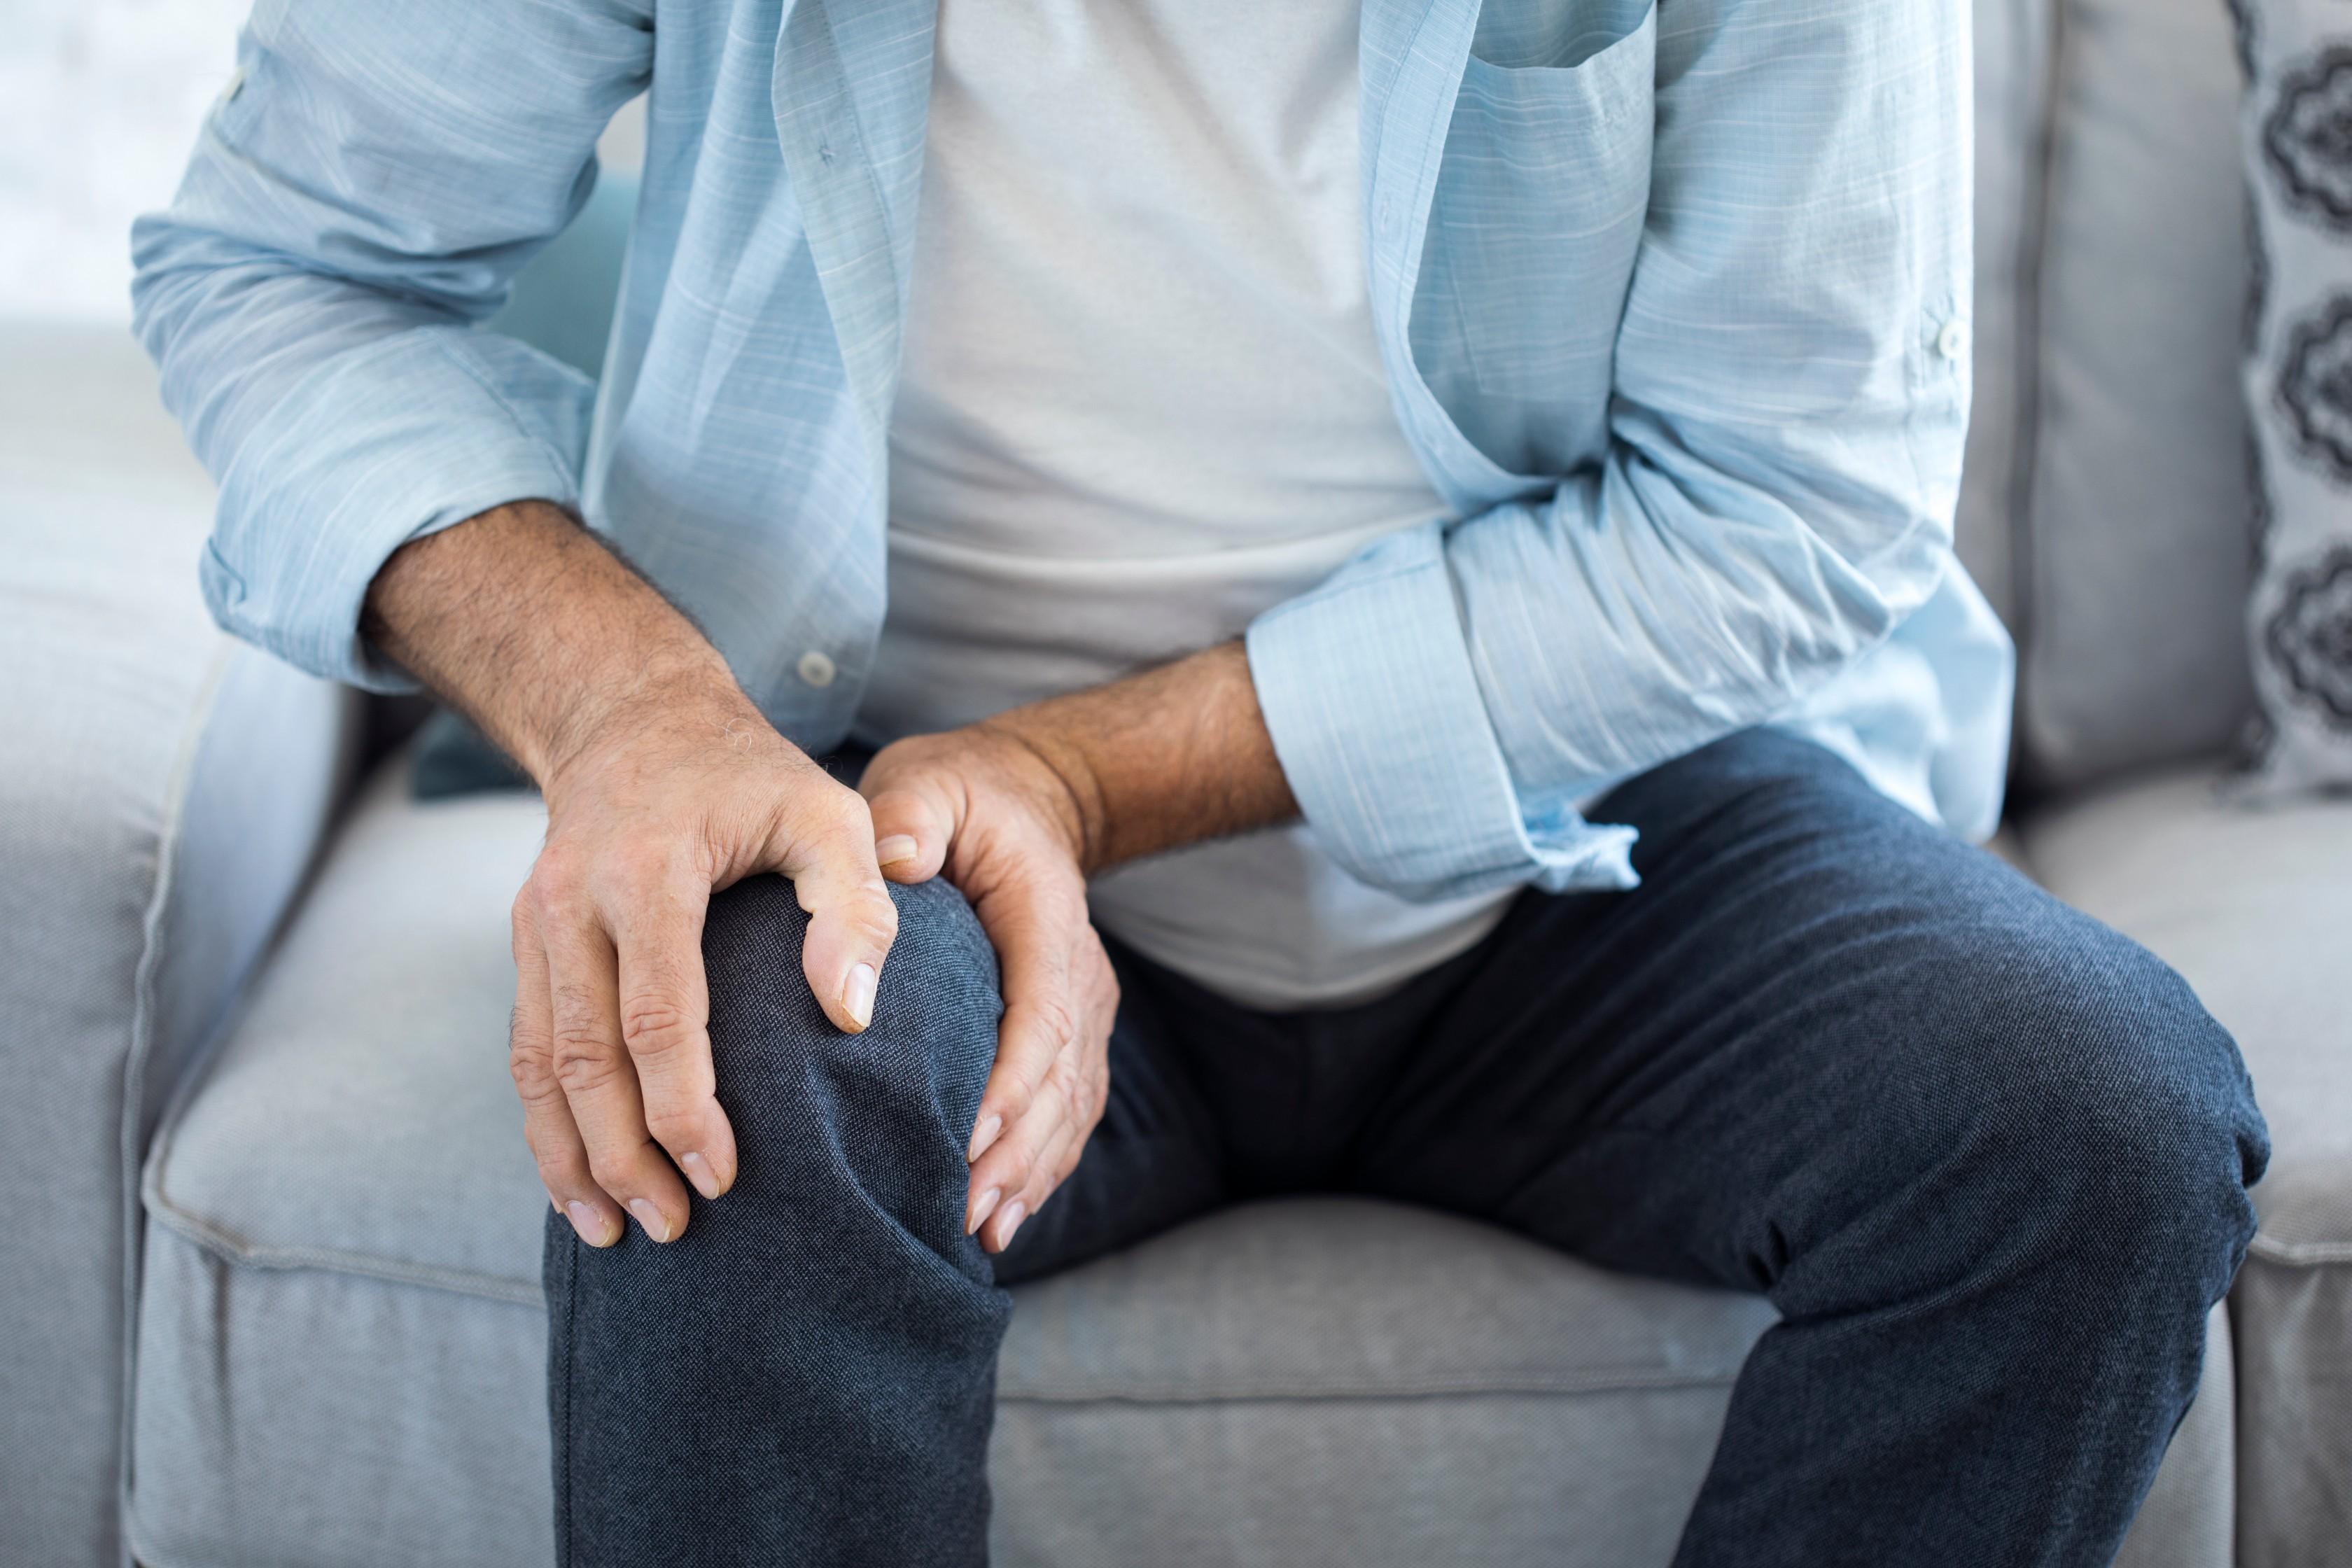 ízületi fájdalmat okoz a középső ujj kezelésének ízületi fájdalma